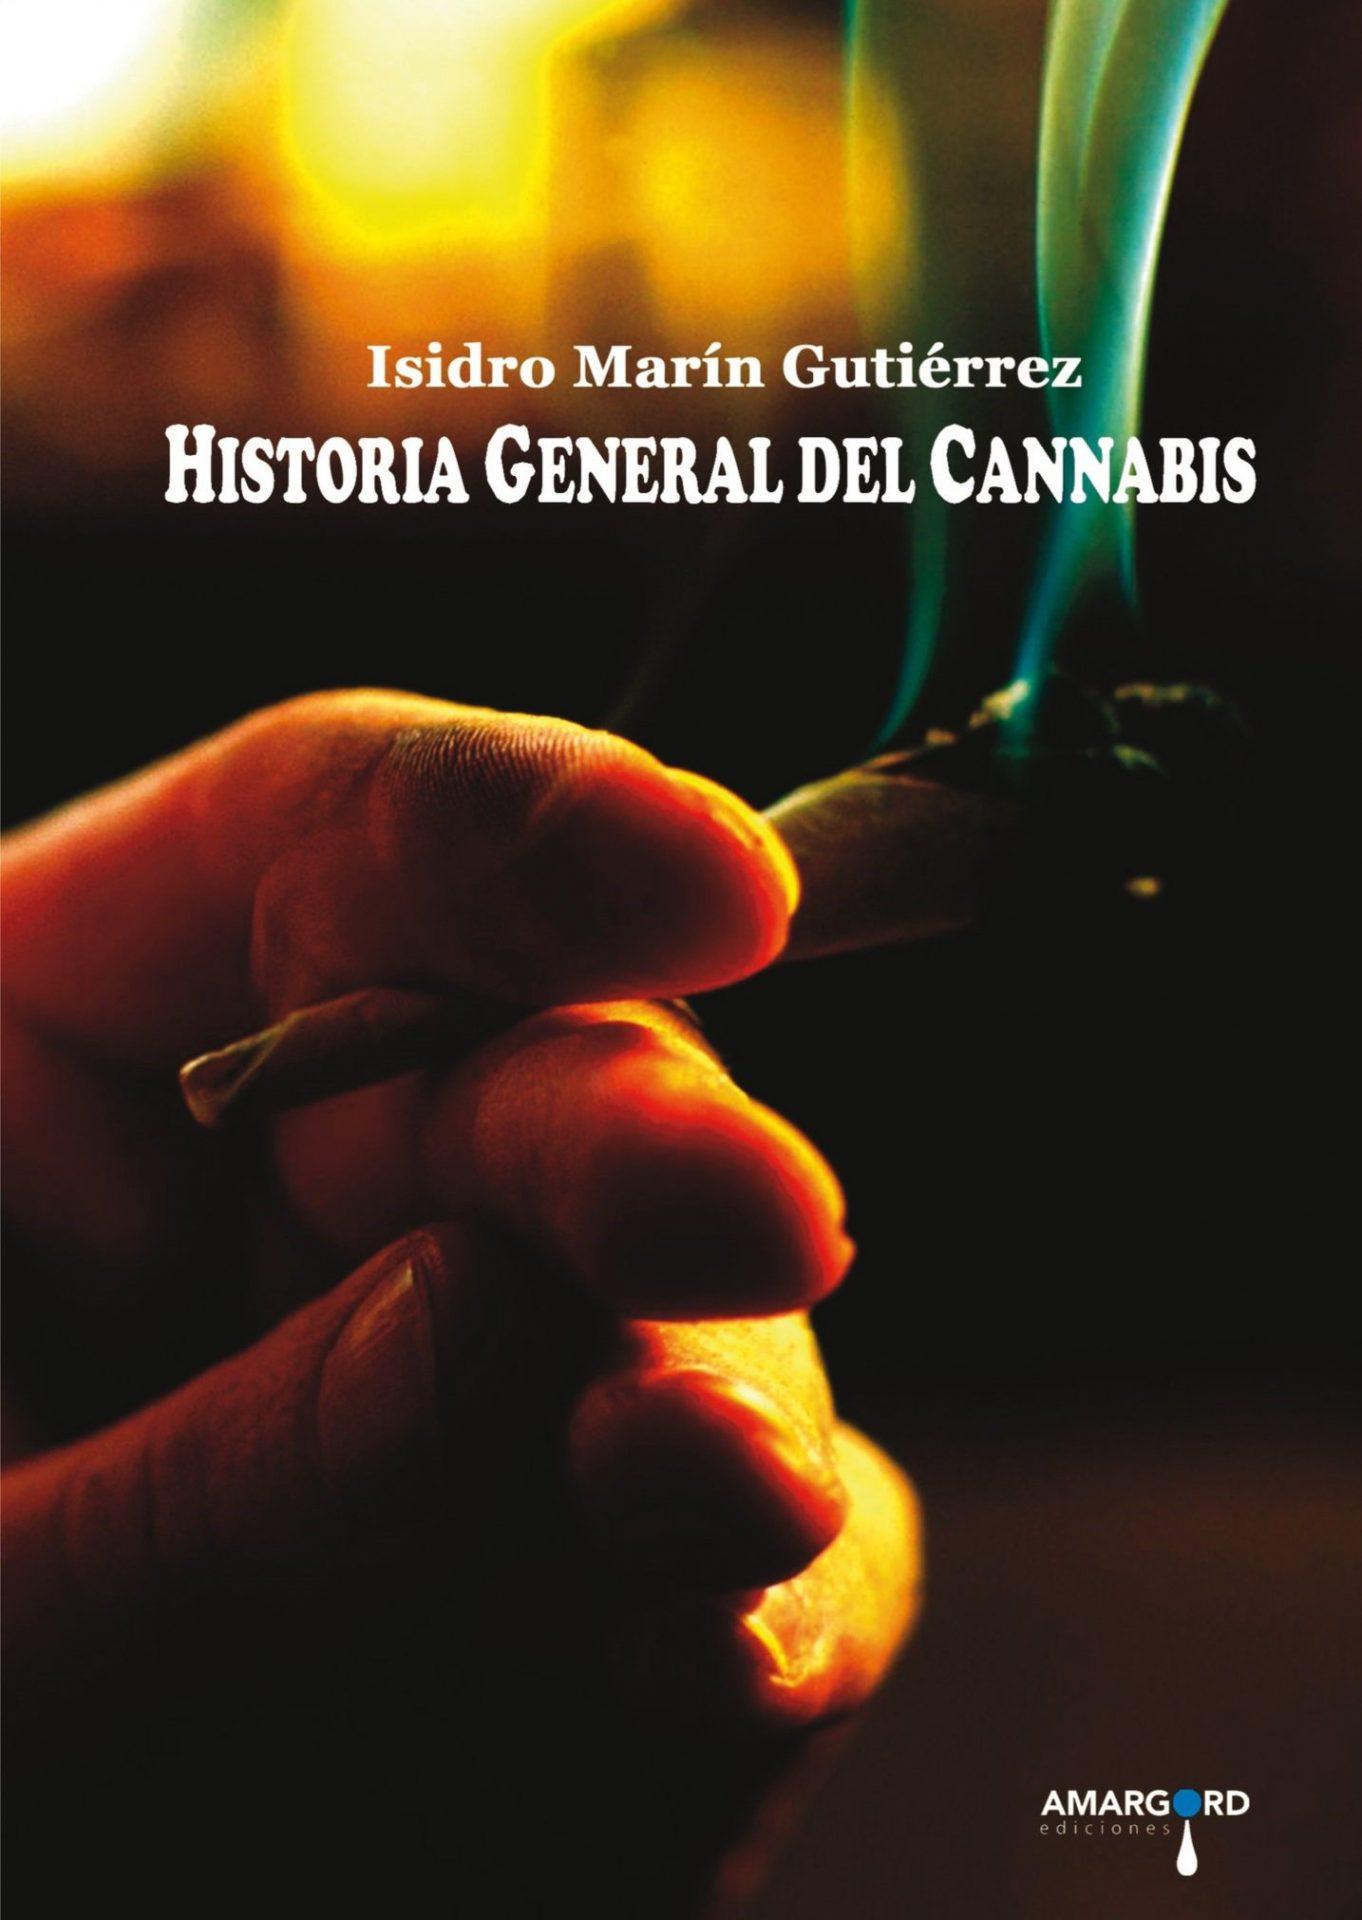 Crítica personal de Historia General del Cannabis, el nuevo libro de Isidro Marín 48